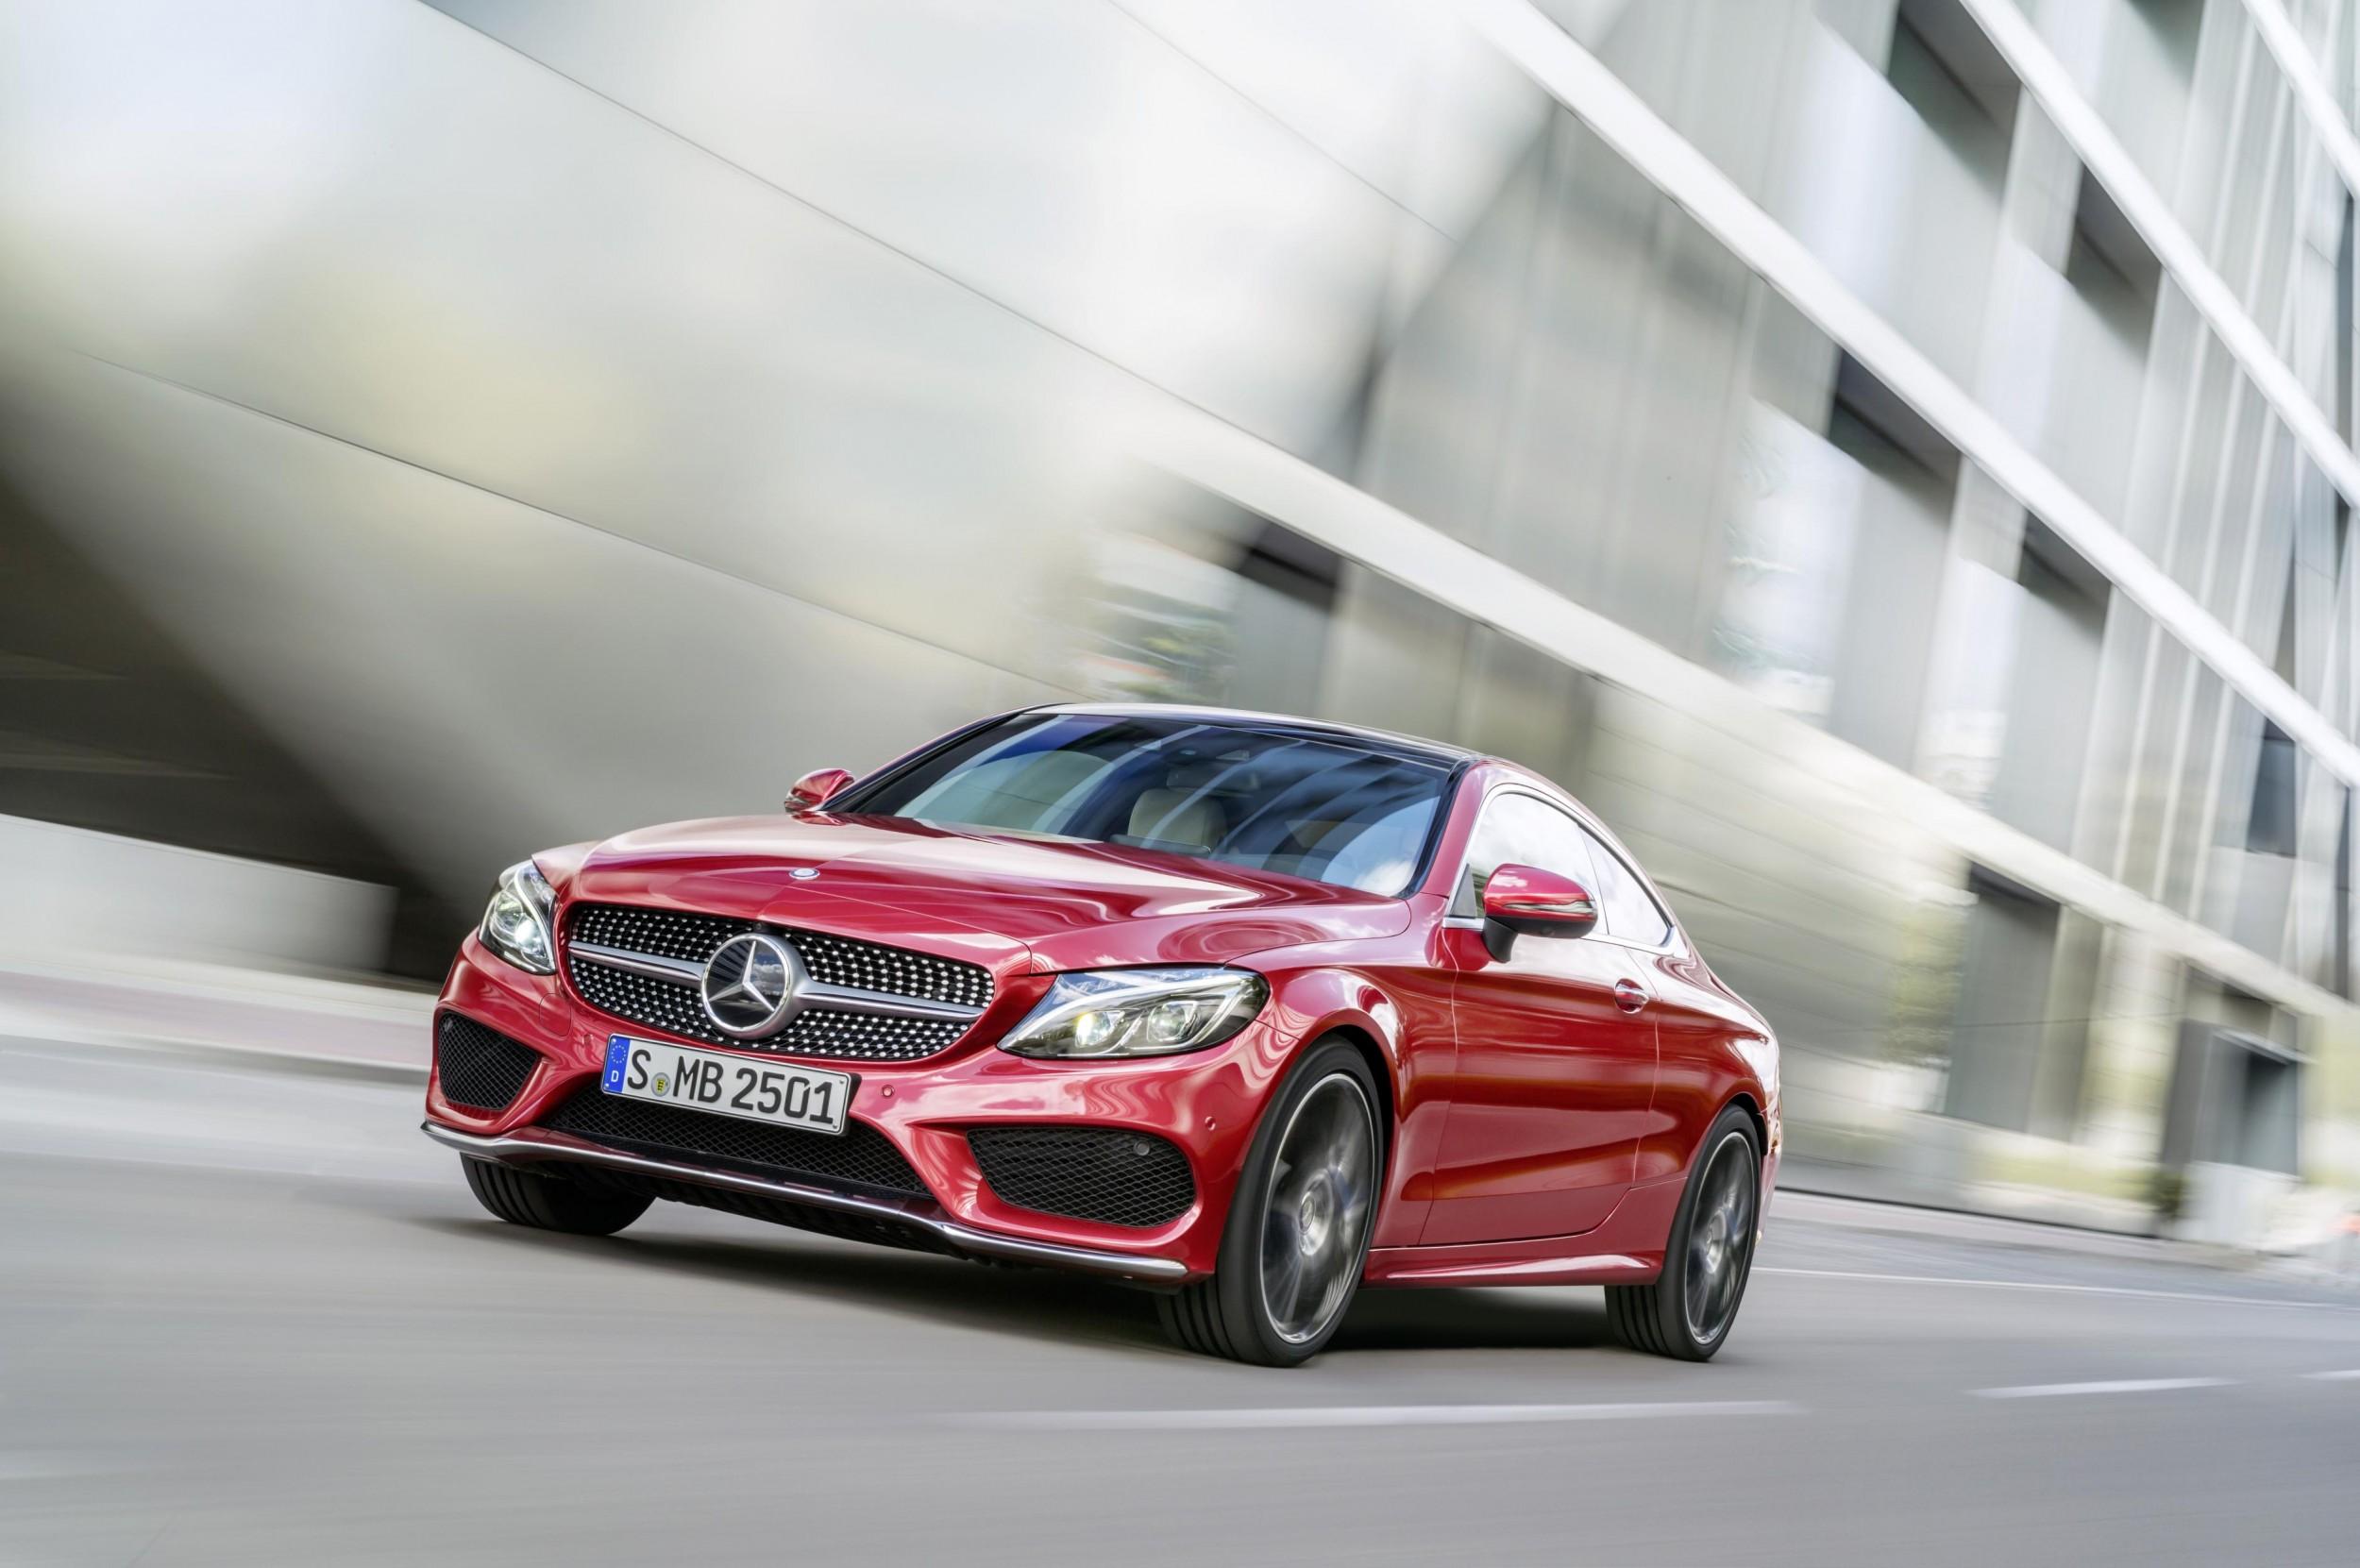 2016 mercedes benz c class coupe revealed autotalk for Mercedes benz c class coupe 2016